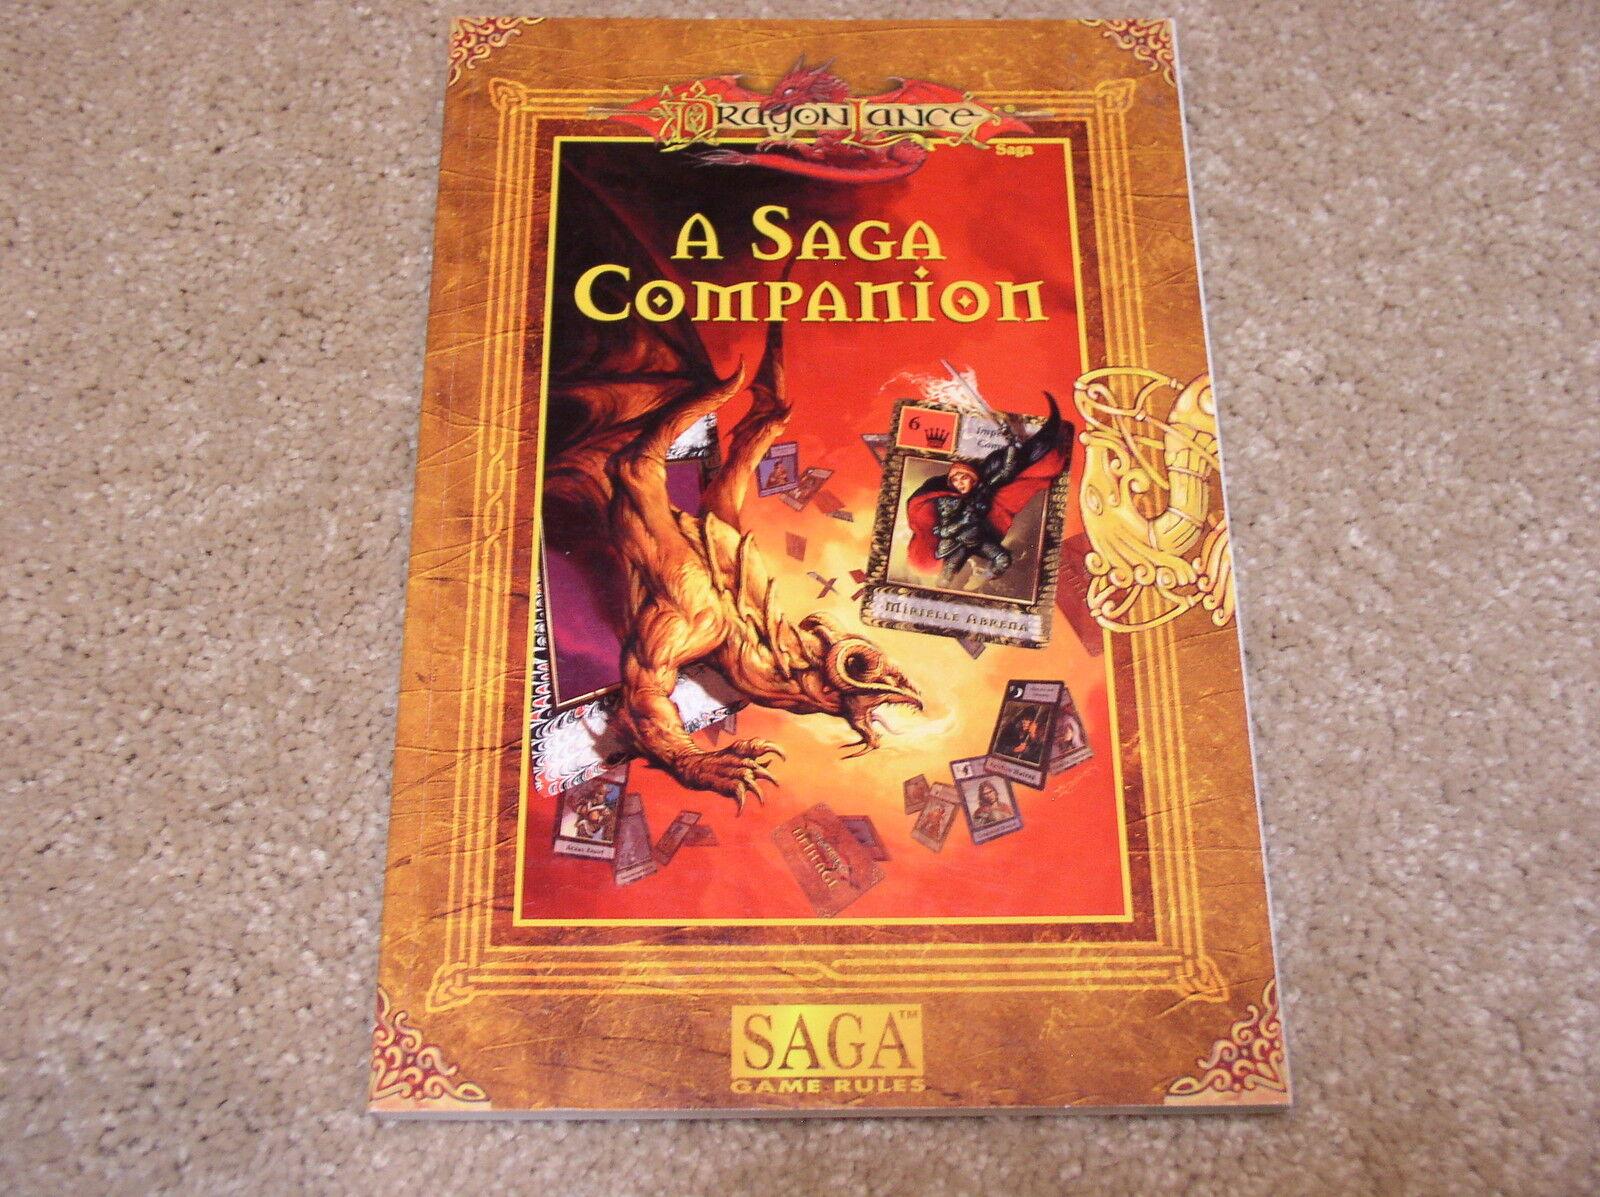 Dragonlance Saga Game Rules A Saga Companion